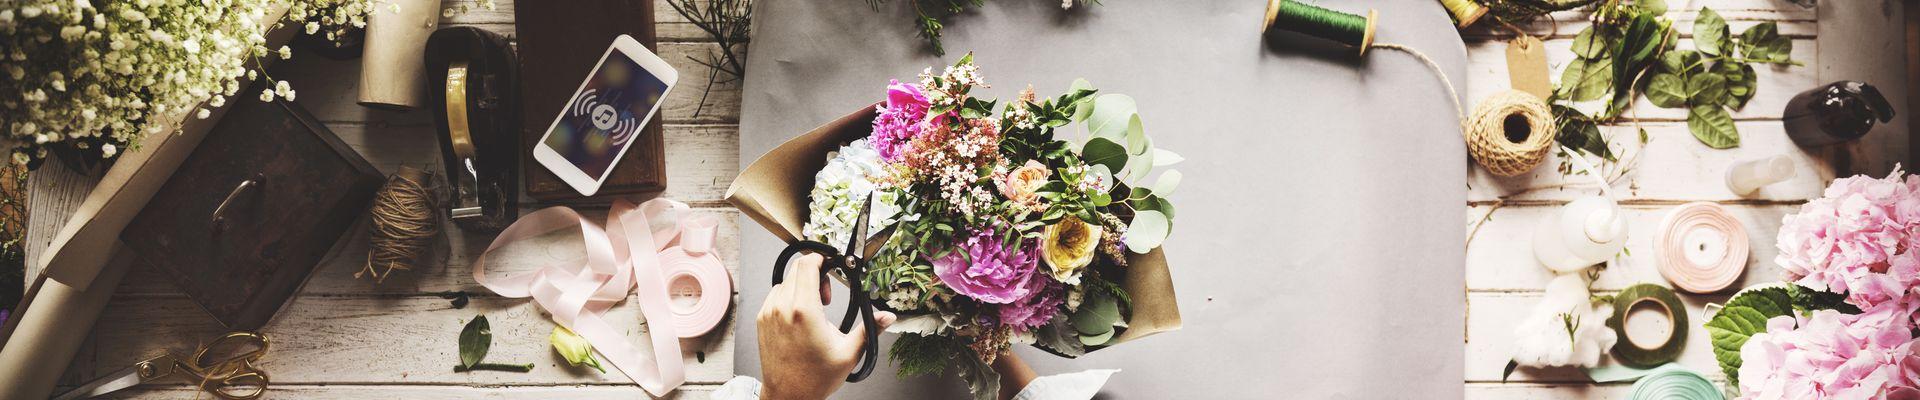 Florist Hochzeit, Hochzeitsblumen, Hochzeitsstrauss, Brautstrauss